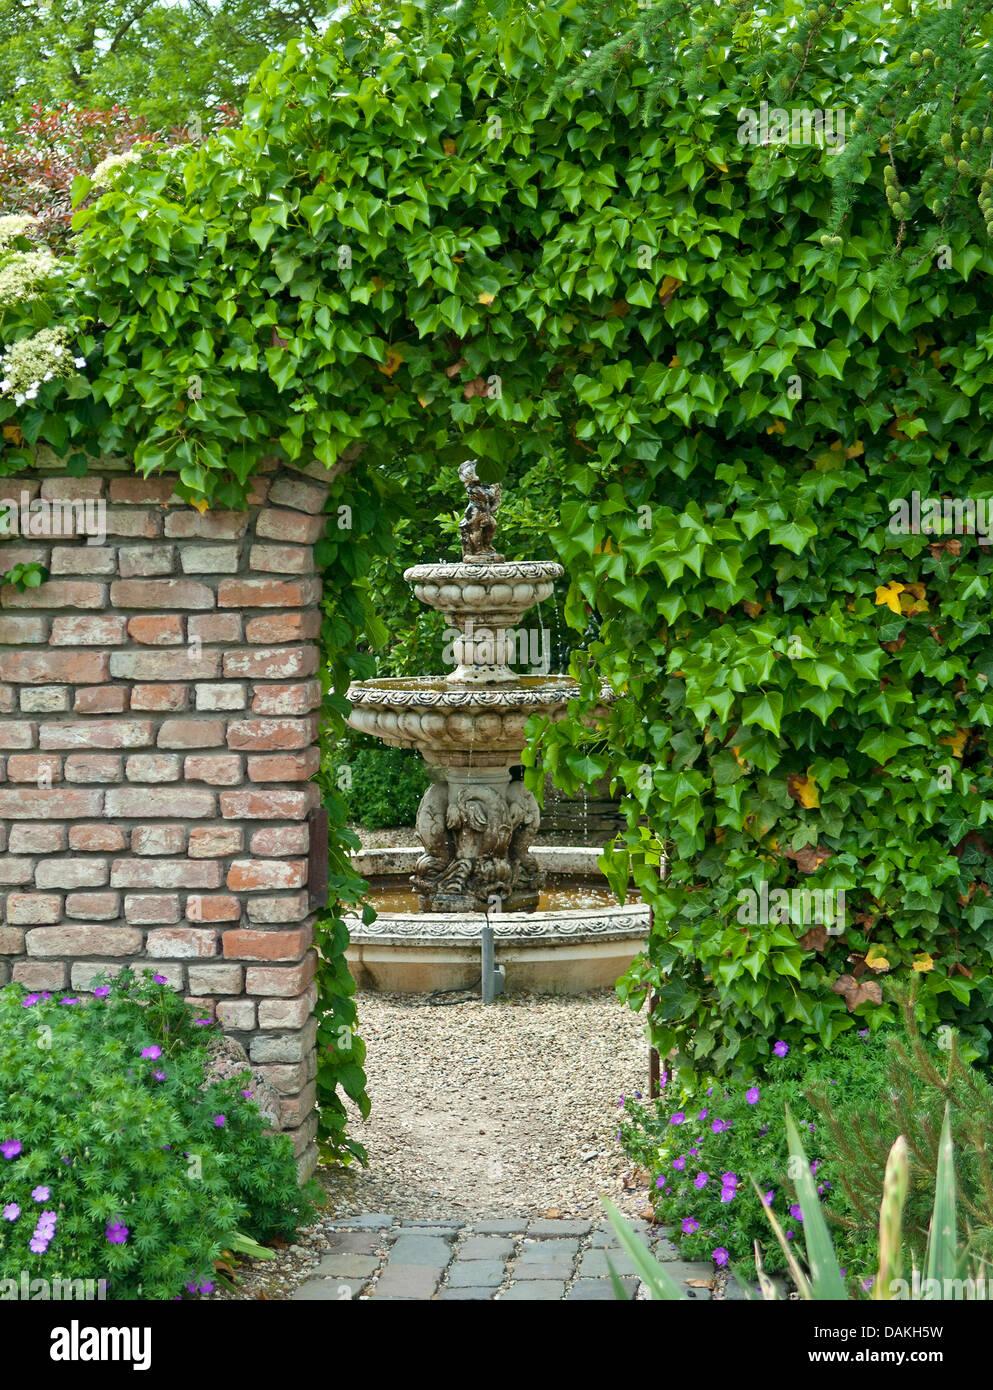 La hiedra la hiedra común (Hedera helix), cubiertas de hiedra garten gate, Países Bajos Foto de stock